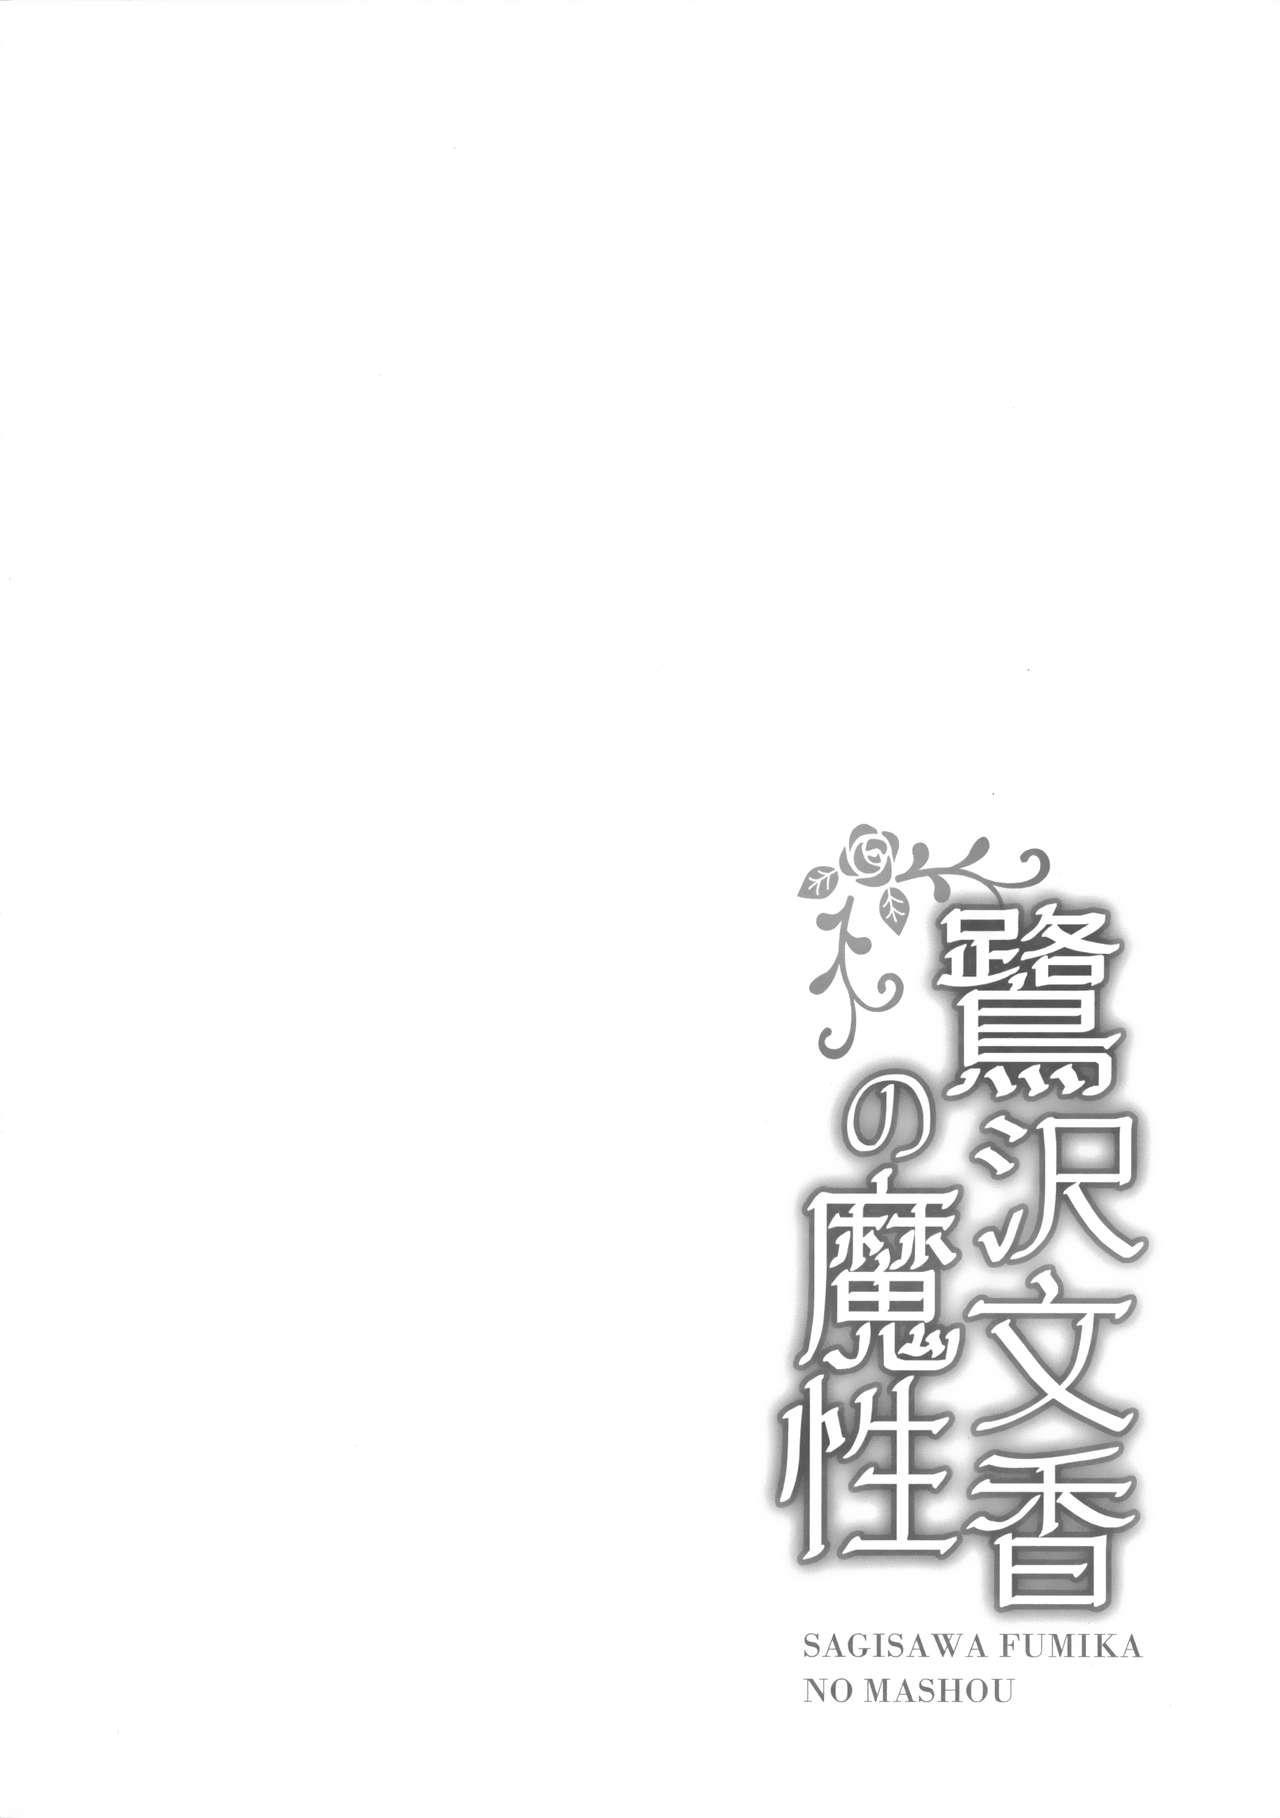 Sagisawa Fumika no Mashou 3